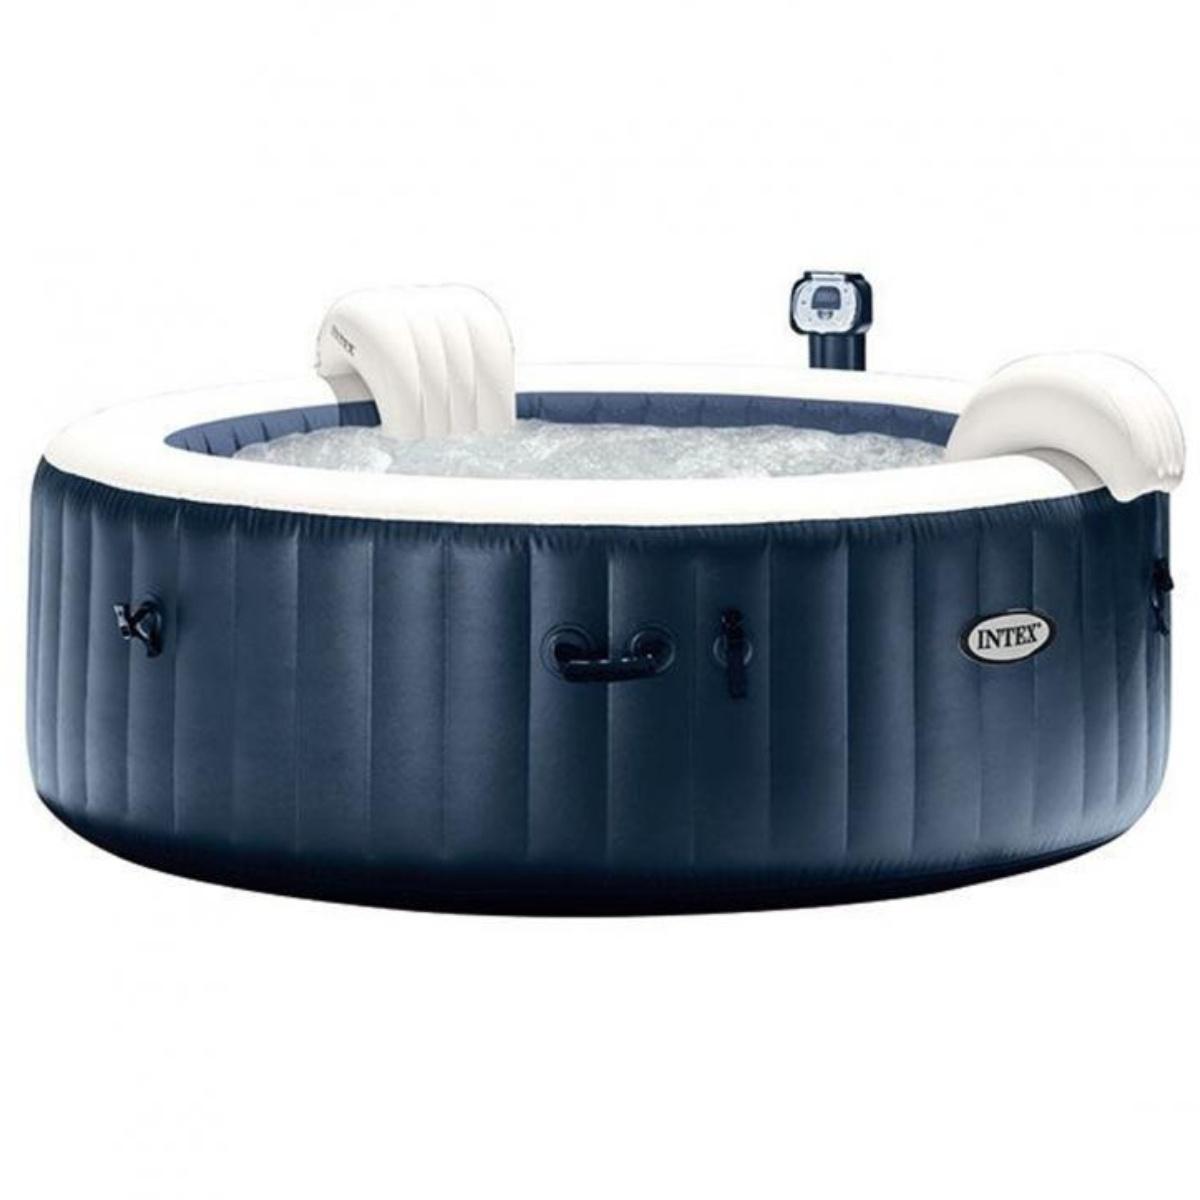 Intex 28406 Bubble Massage Pure Spa PLUS